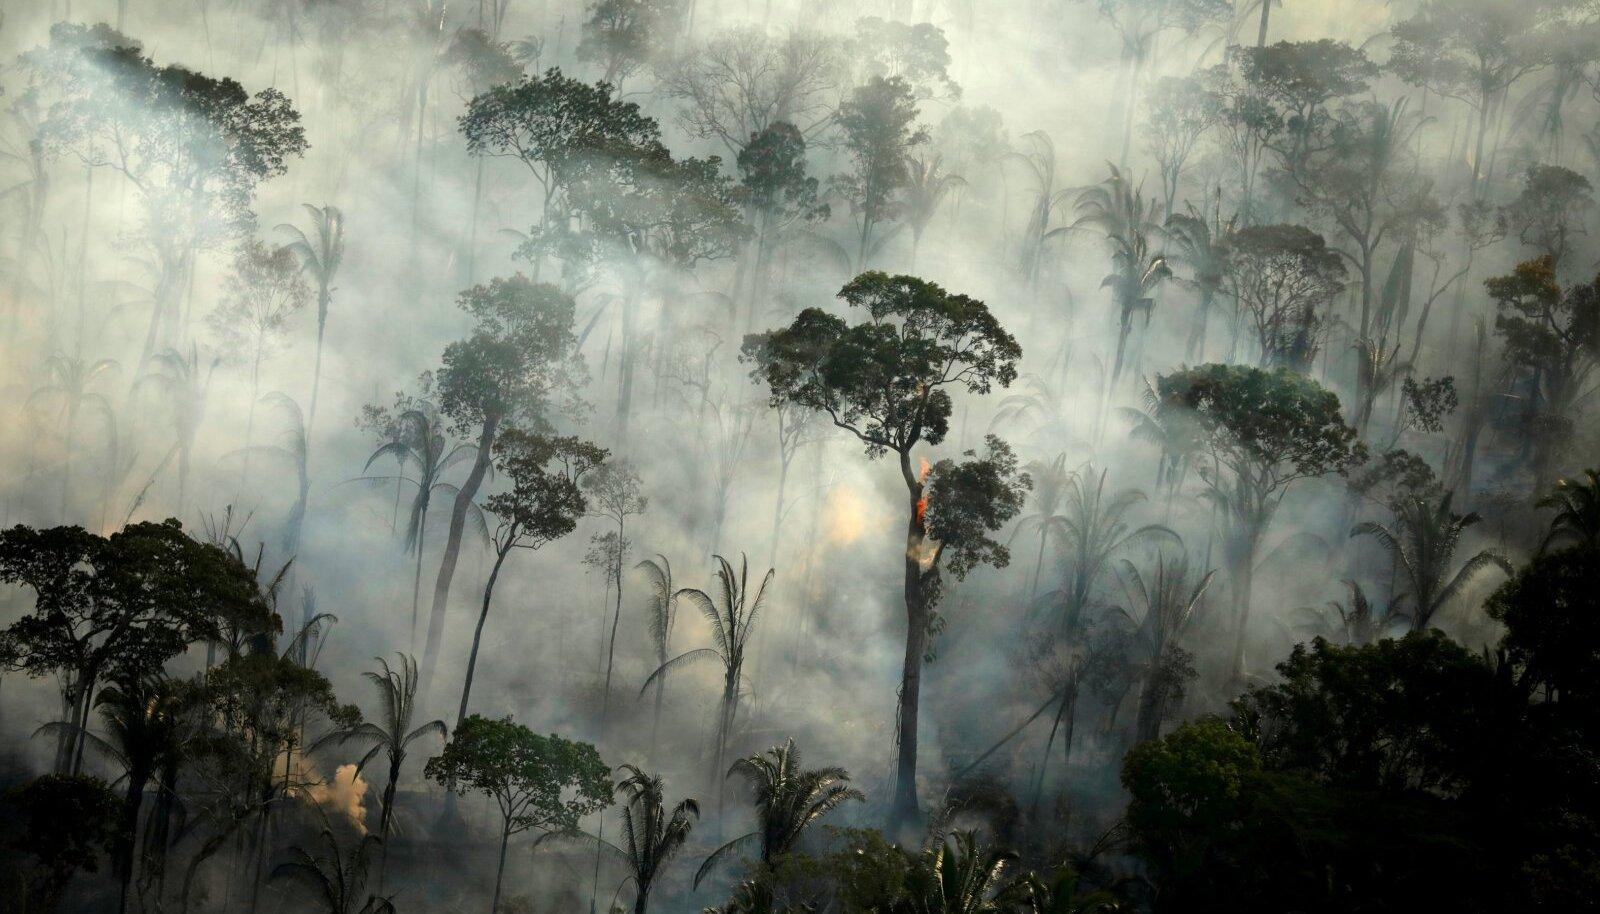 Enamik tekkivatest emissioonidest on Amazonase tulekahjude tagajärg, millest paljud on süüdatud teadlikult, et tekitada vaba maad liha- ja sojatootmise jaoks.